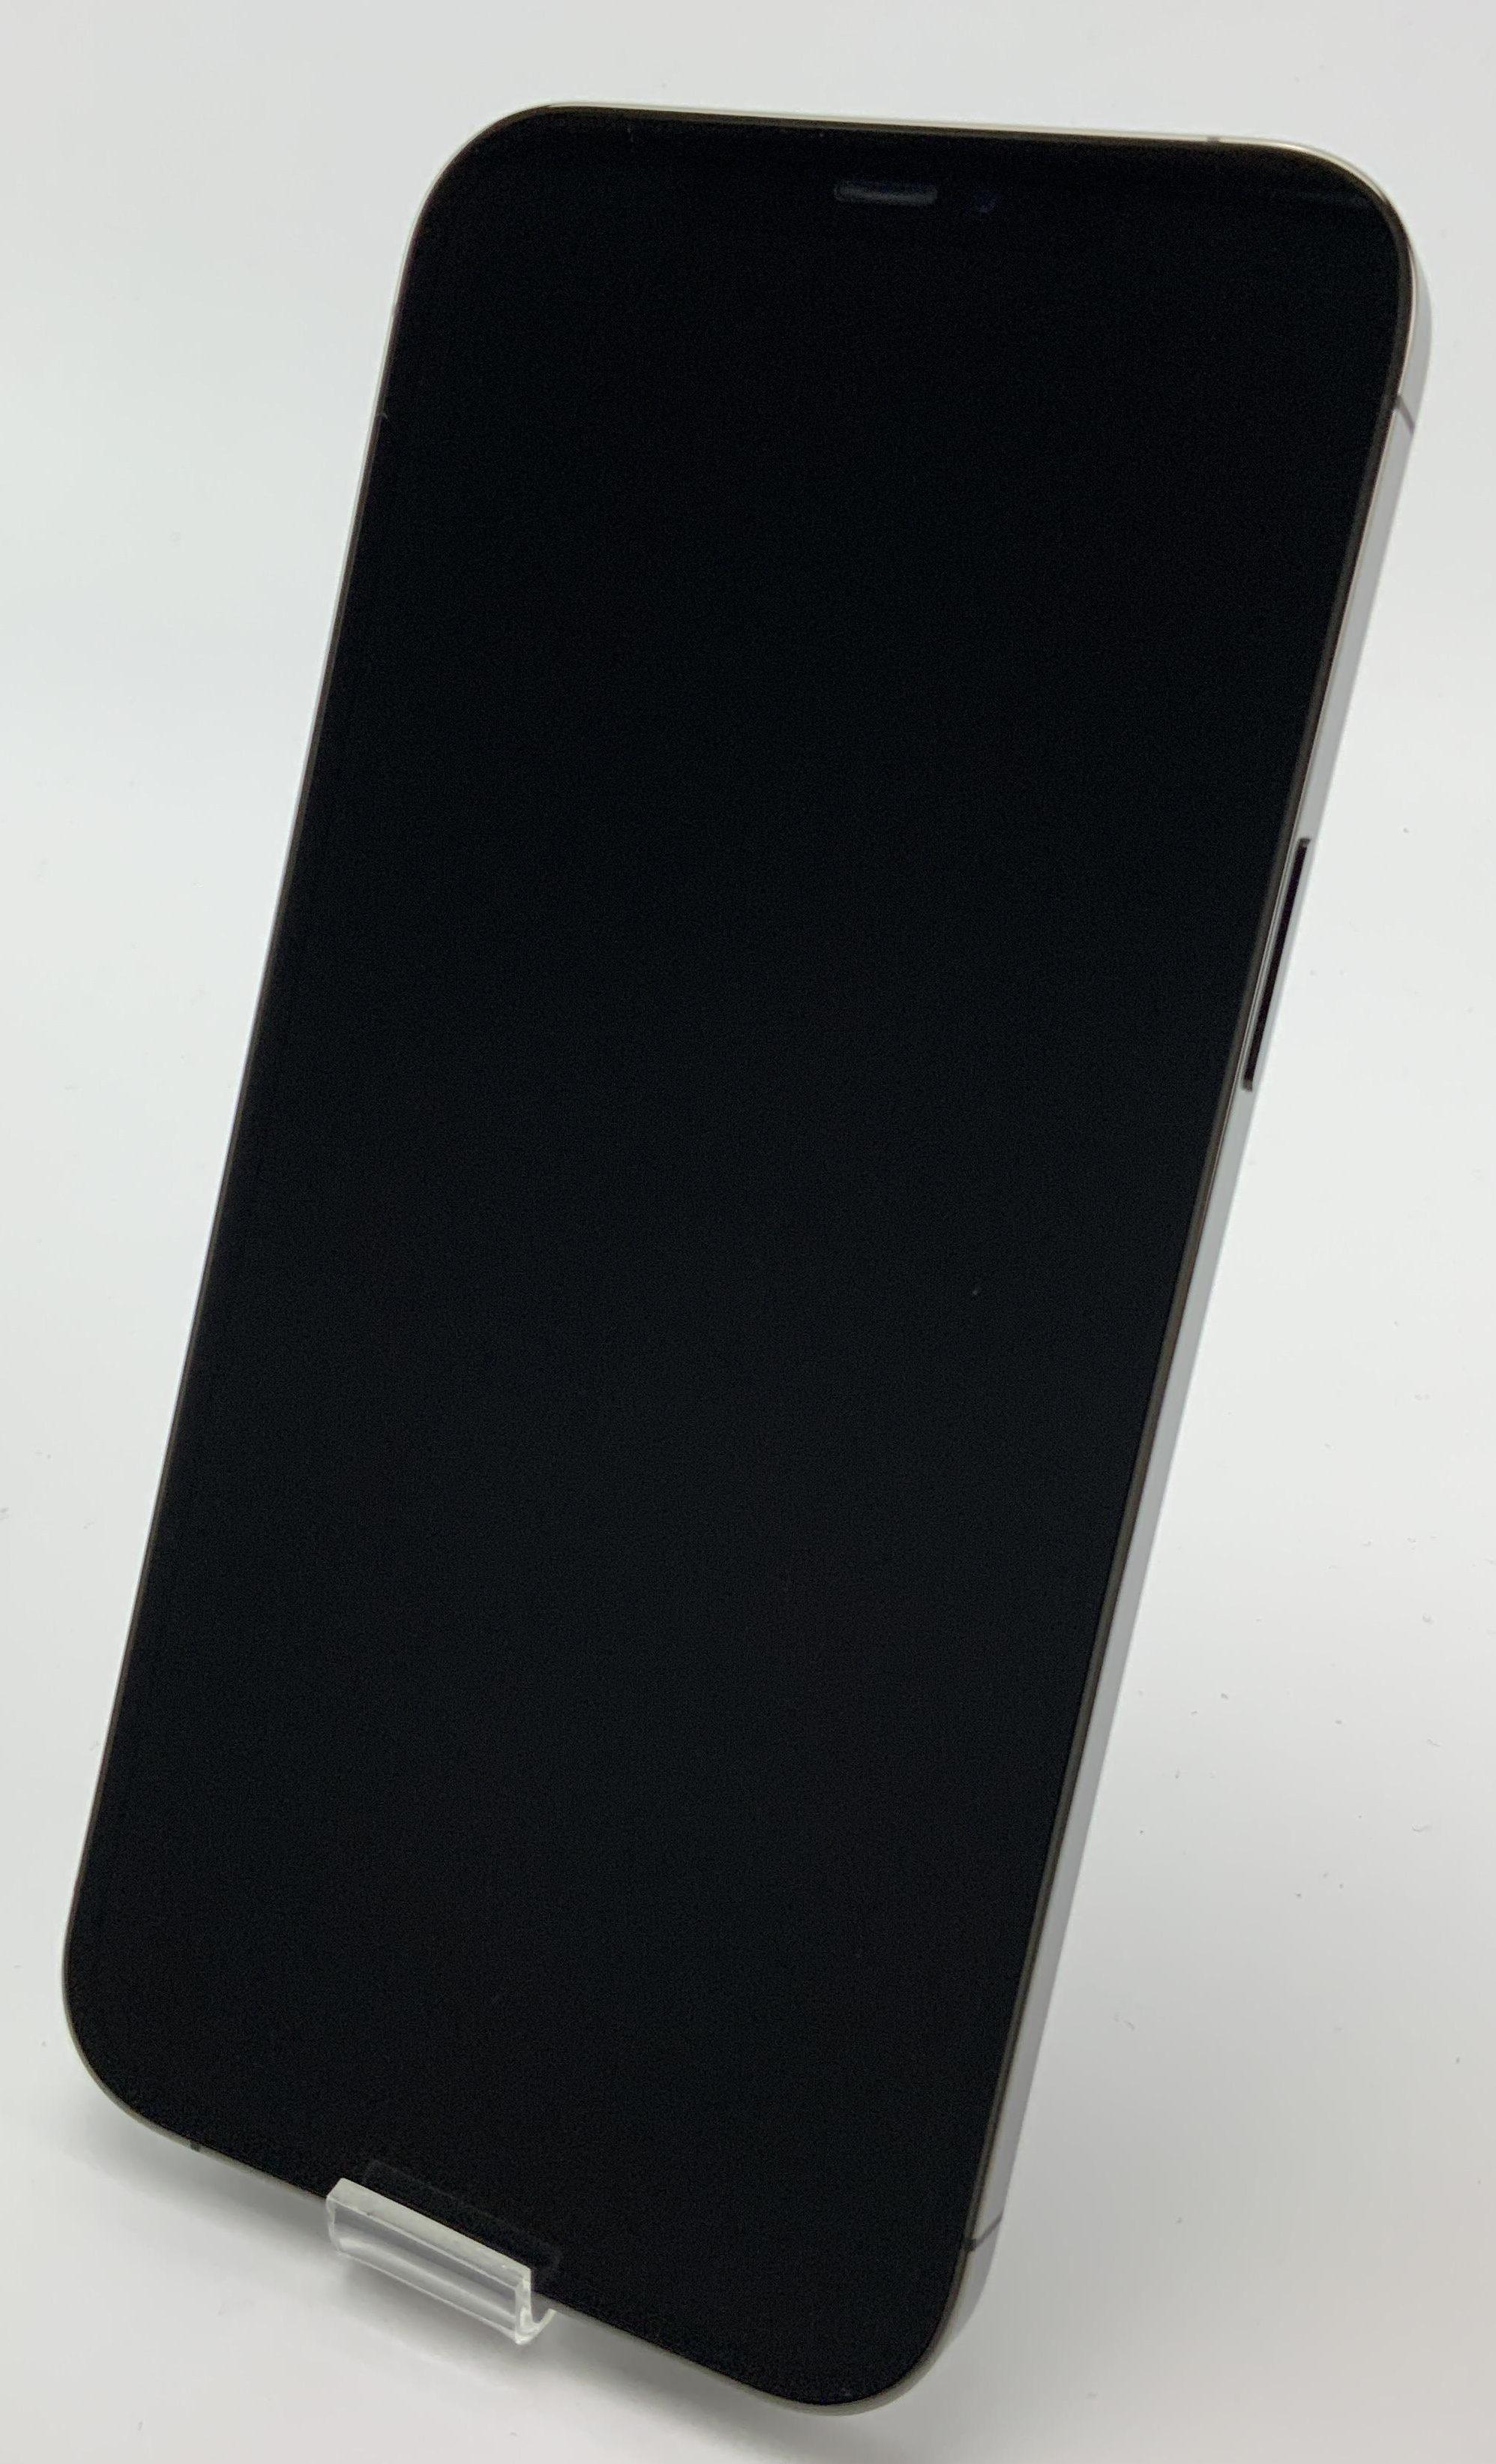 iPhone 12 Pro Max 512GB, 512GB, Graphite, image 1